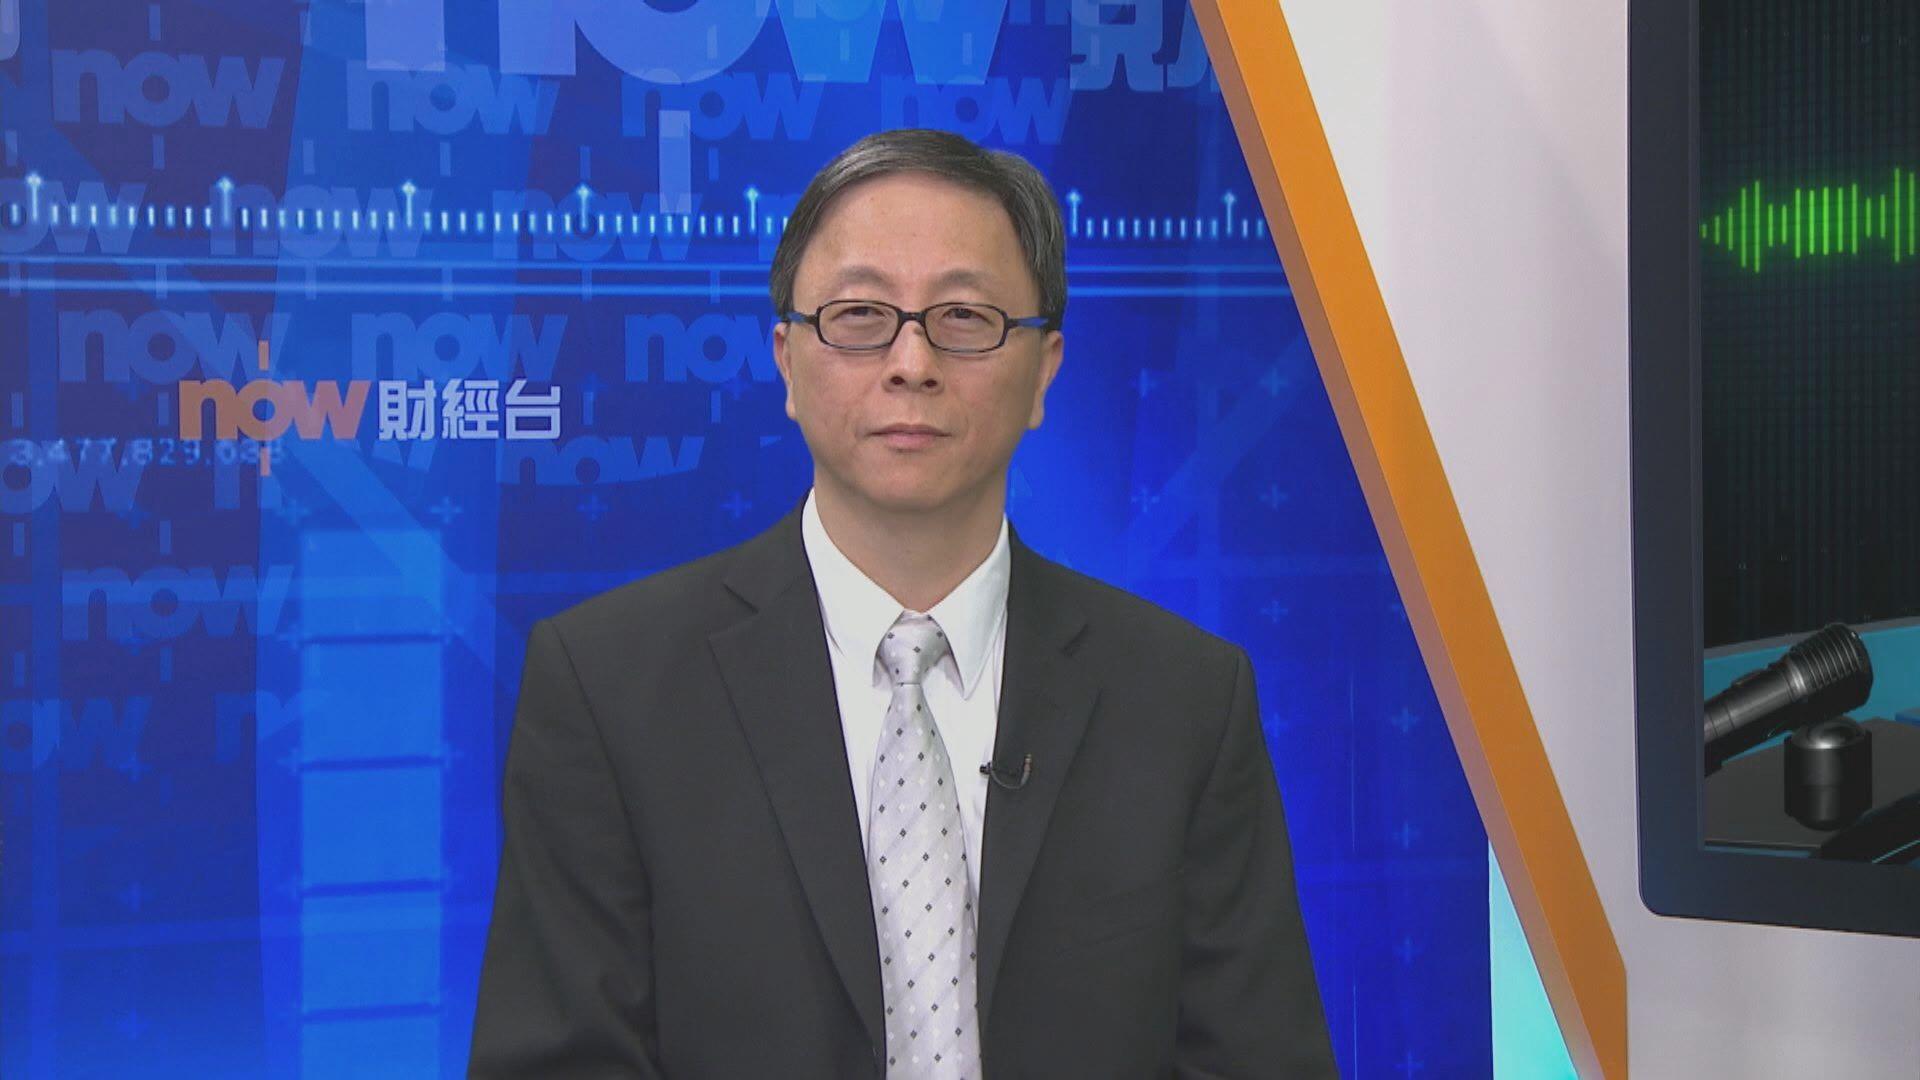 何栢良:政府可考慮油麻地小區強制檢測及禁足